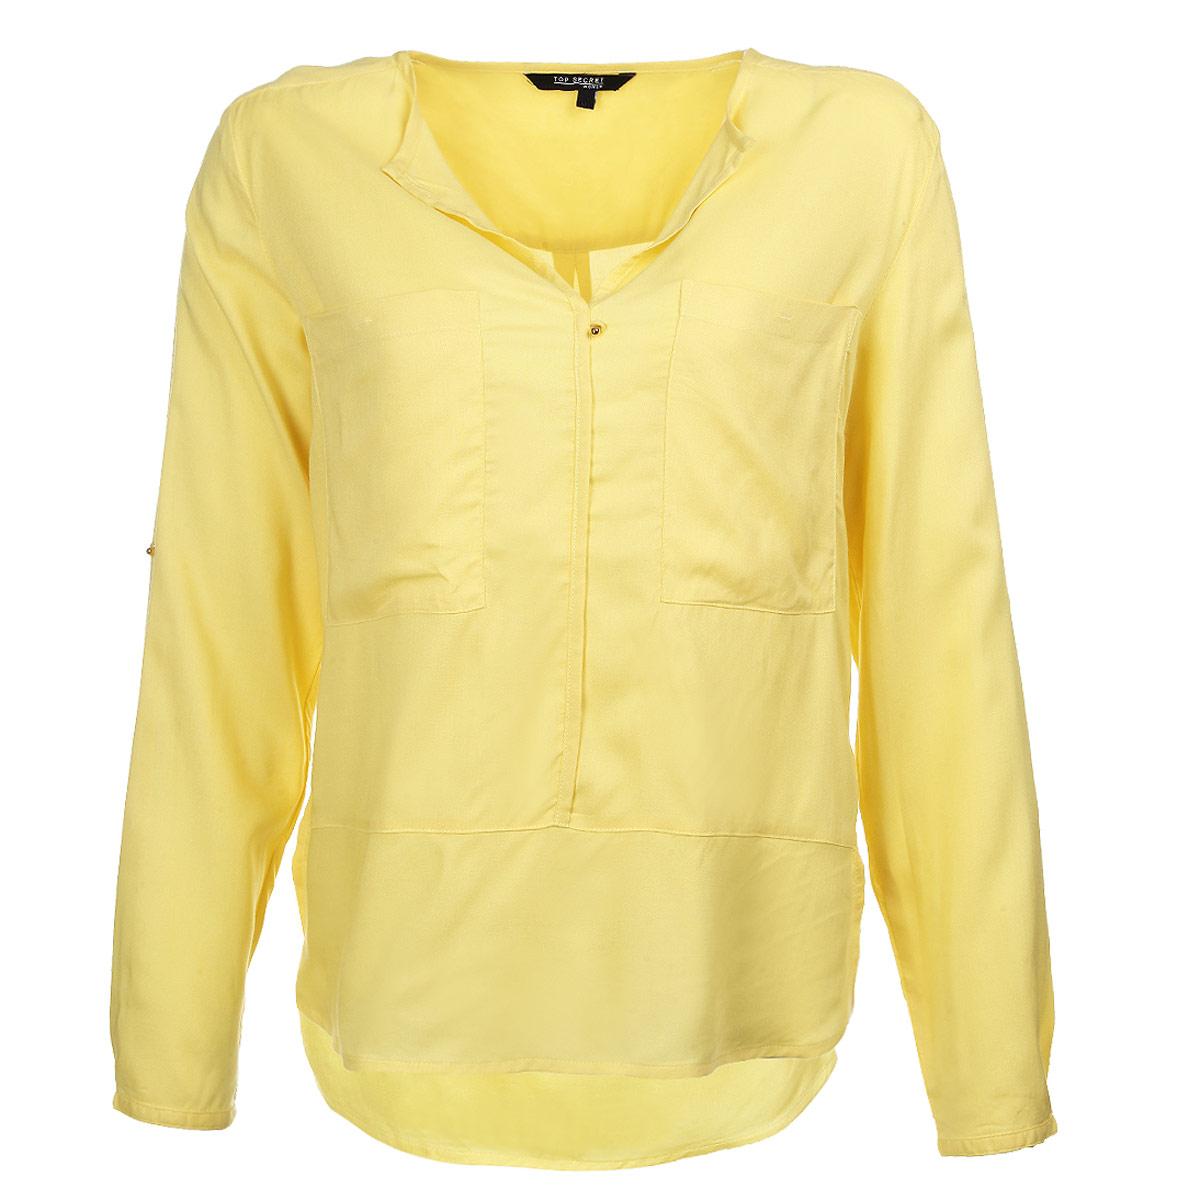 БлузкаSKL1723ZOСтильная блузка Top Secret, выполненная из высококачественного материала, обладает высокой теплопроводностью, воздухопроницаемостью и гигроскопичностью, позволяет коже дышать, тем самым обеспечивая наибольший комфорт при носке. Блузка свободного кроя с длинными рукавами, V-образным вырезом горловины и полукруглым низом. Модель дополнена двумя нагрудными карманами и небольшими боковыми разрезами. При желании рукава можно подвернуть до локтя и зафиксировать хлястиком на пуговицу. Спинка модели удлиненная. Такая блузка будет дарить вам комфорт в течение всего дня и послужит замечательным дополнением к вашему гардеробу.